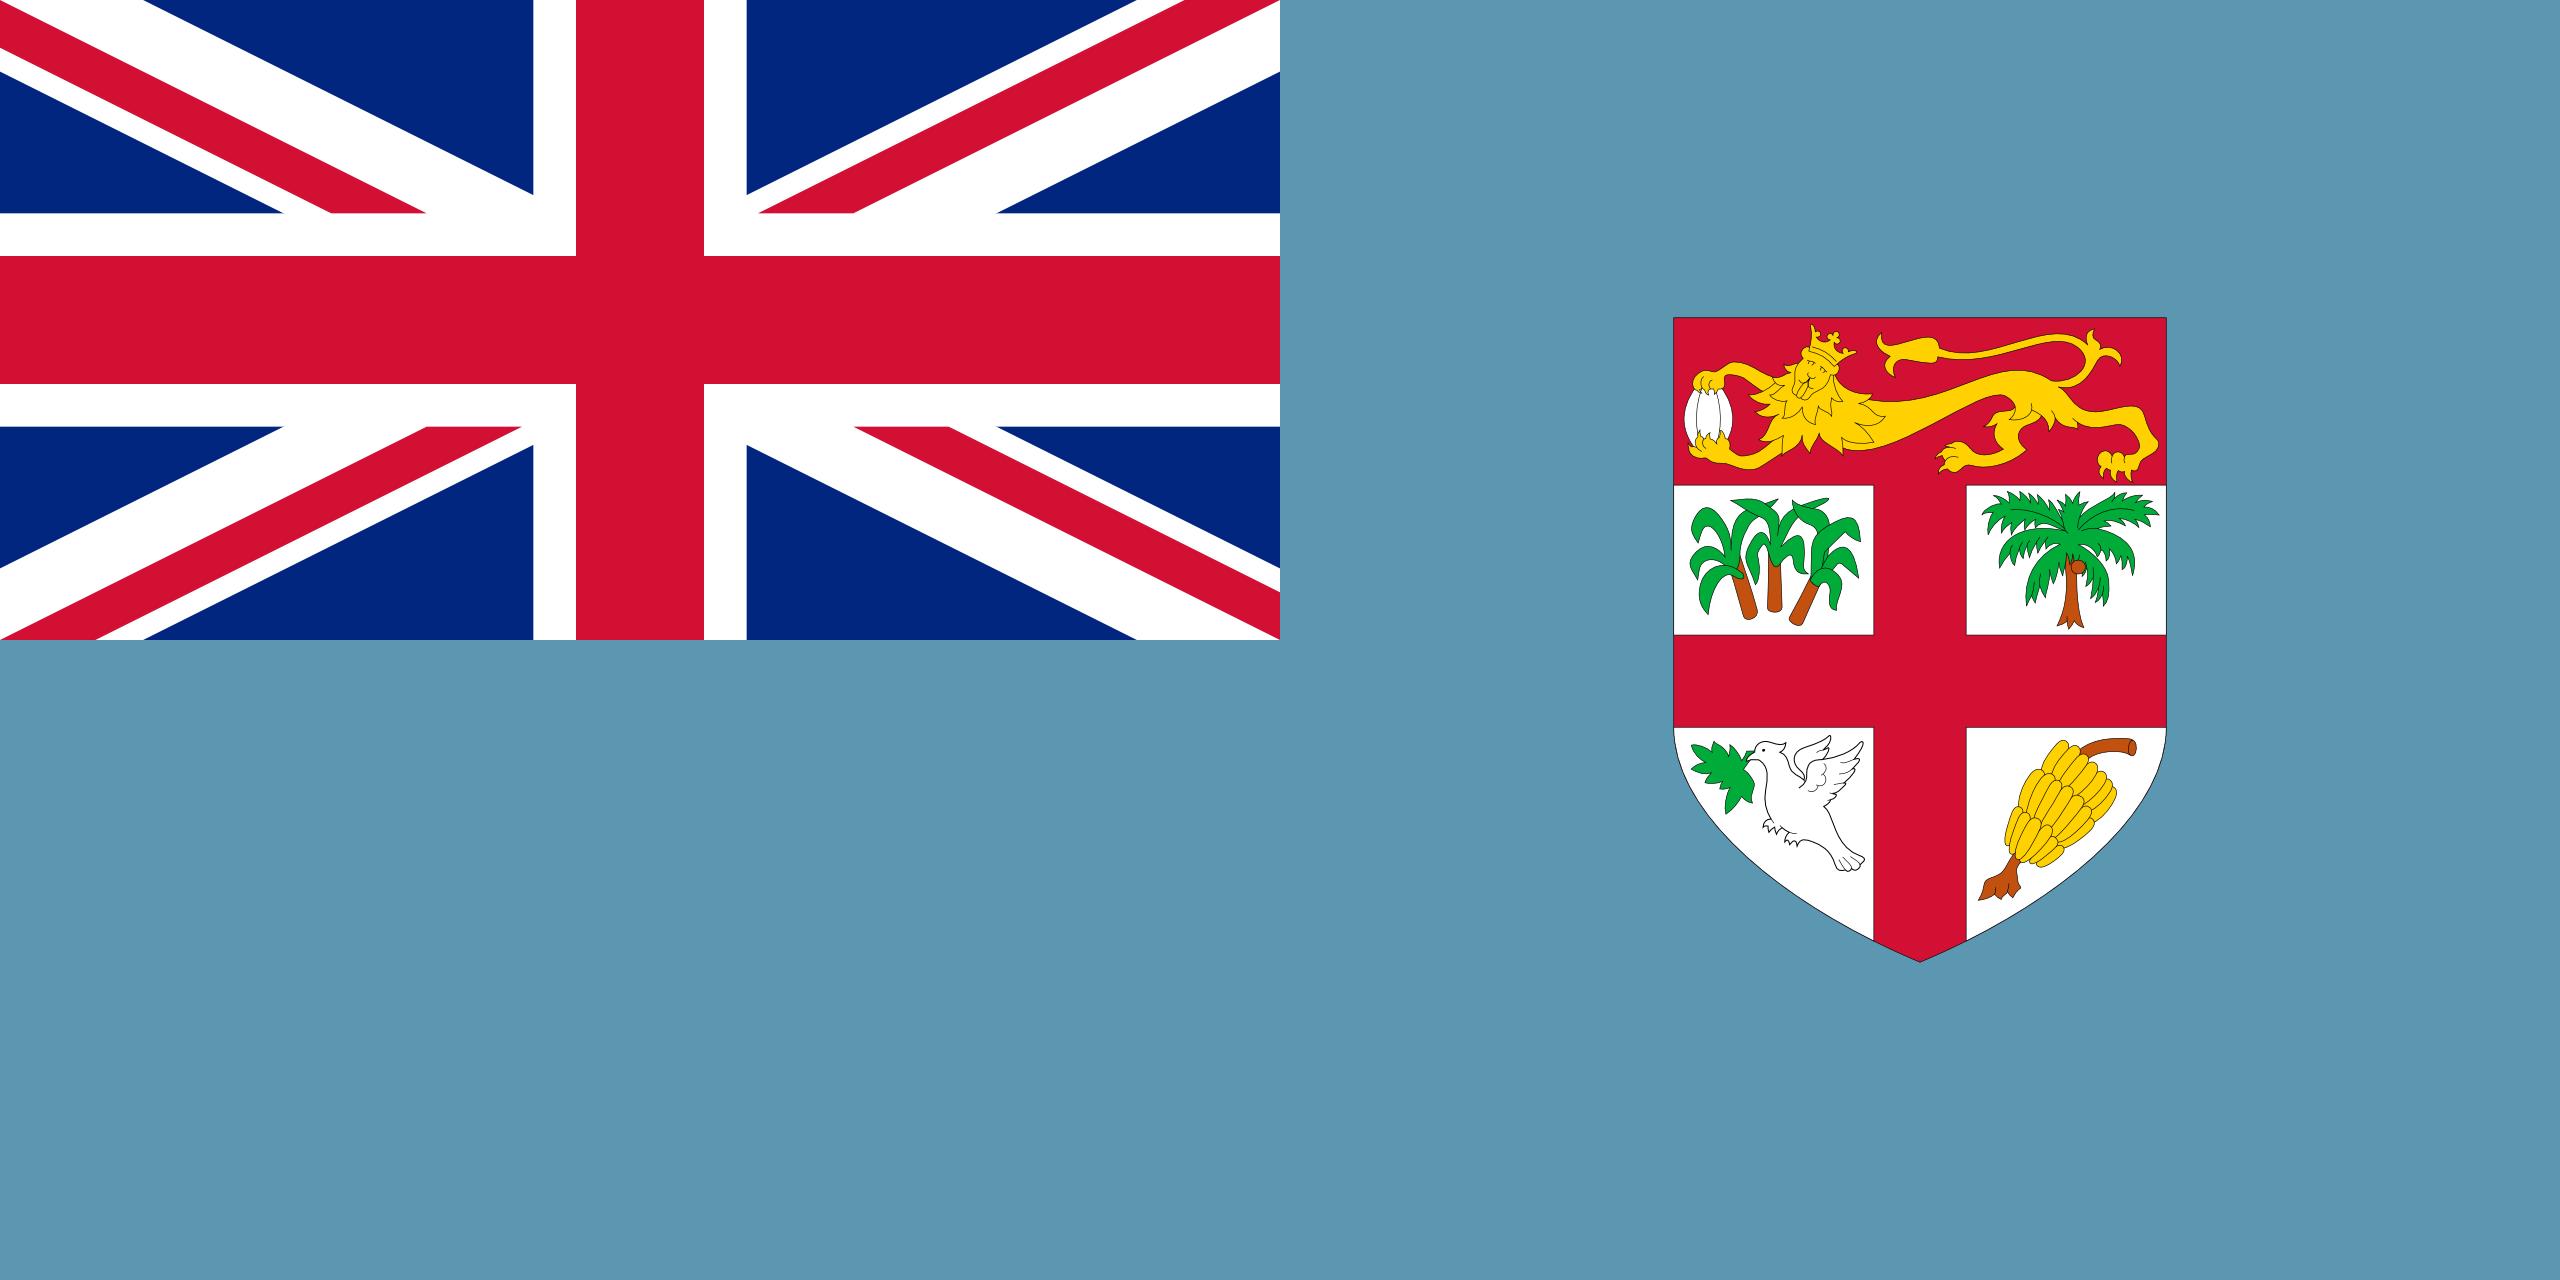 fiyi, país, emblema, insignia, símbolo - Fondos de Pantalla HD - professor-falken.com